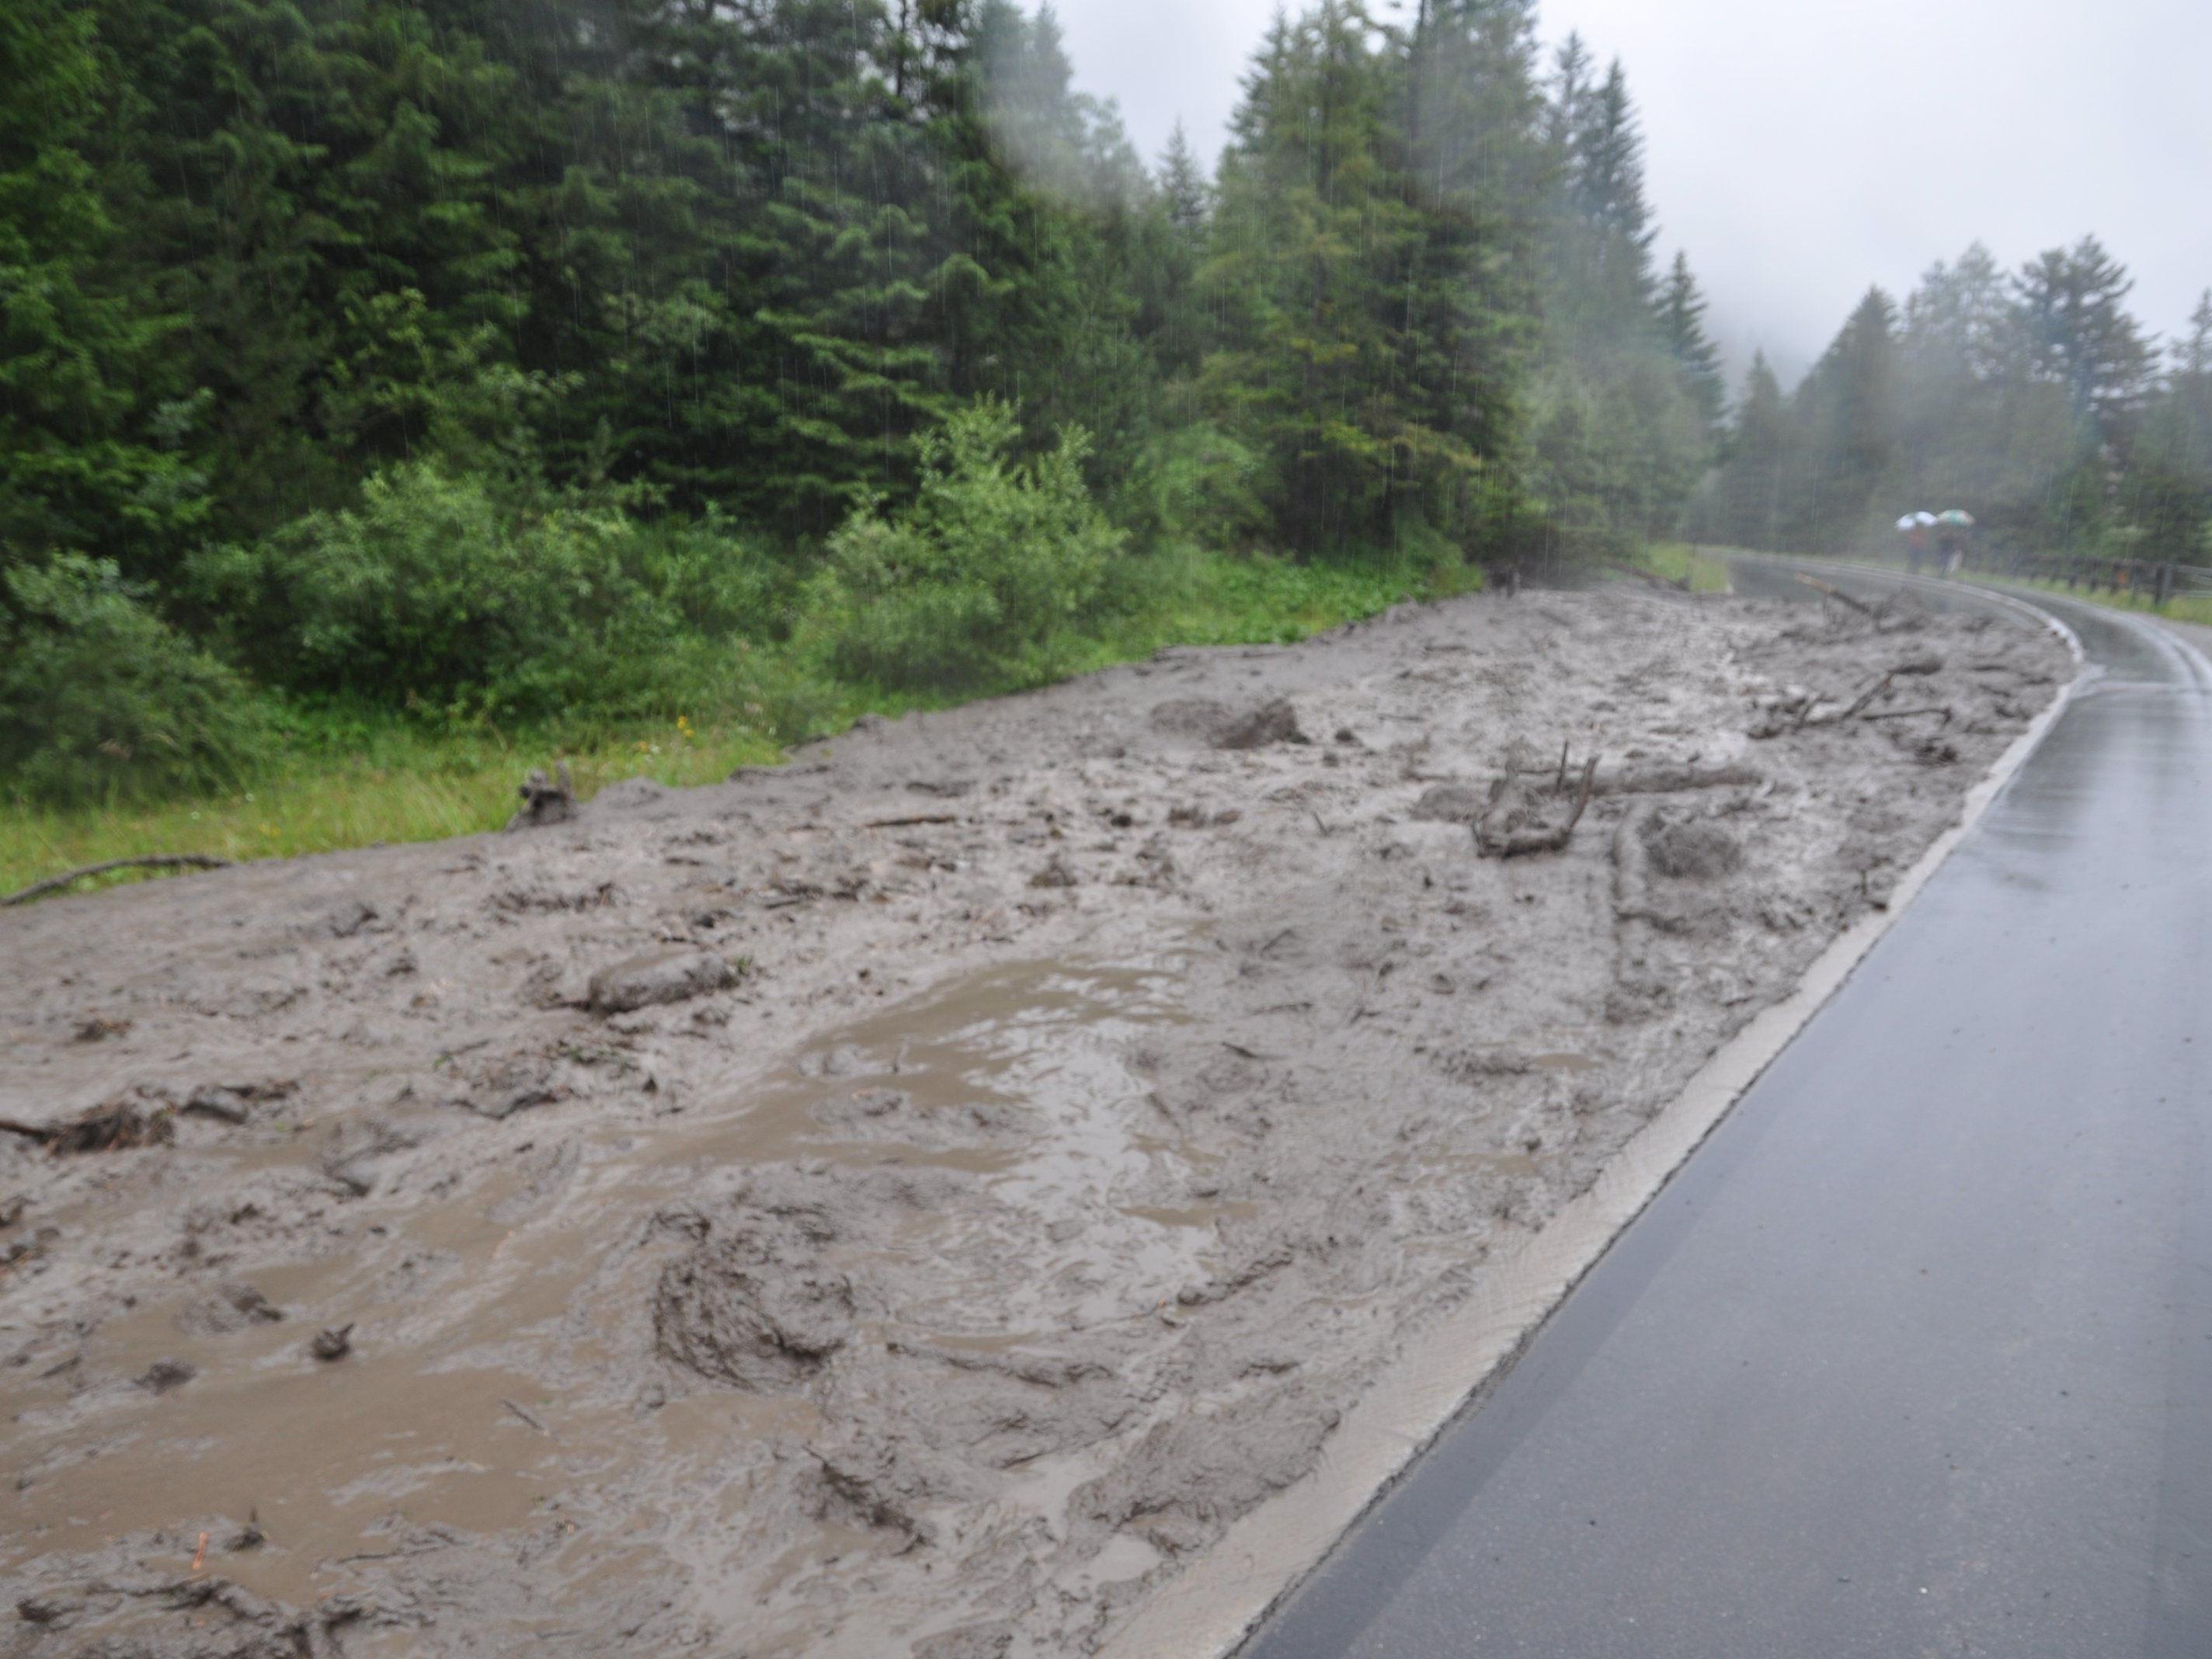 Die Straße nach Malbun war am Sonntag für mehrere Stunden gesperrt.